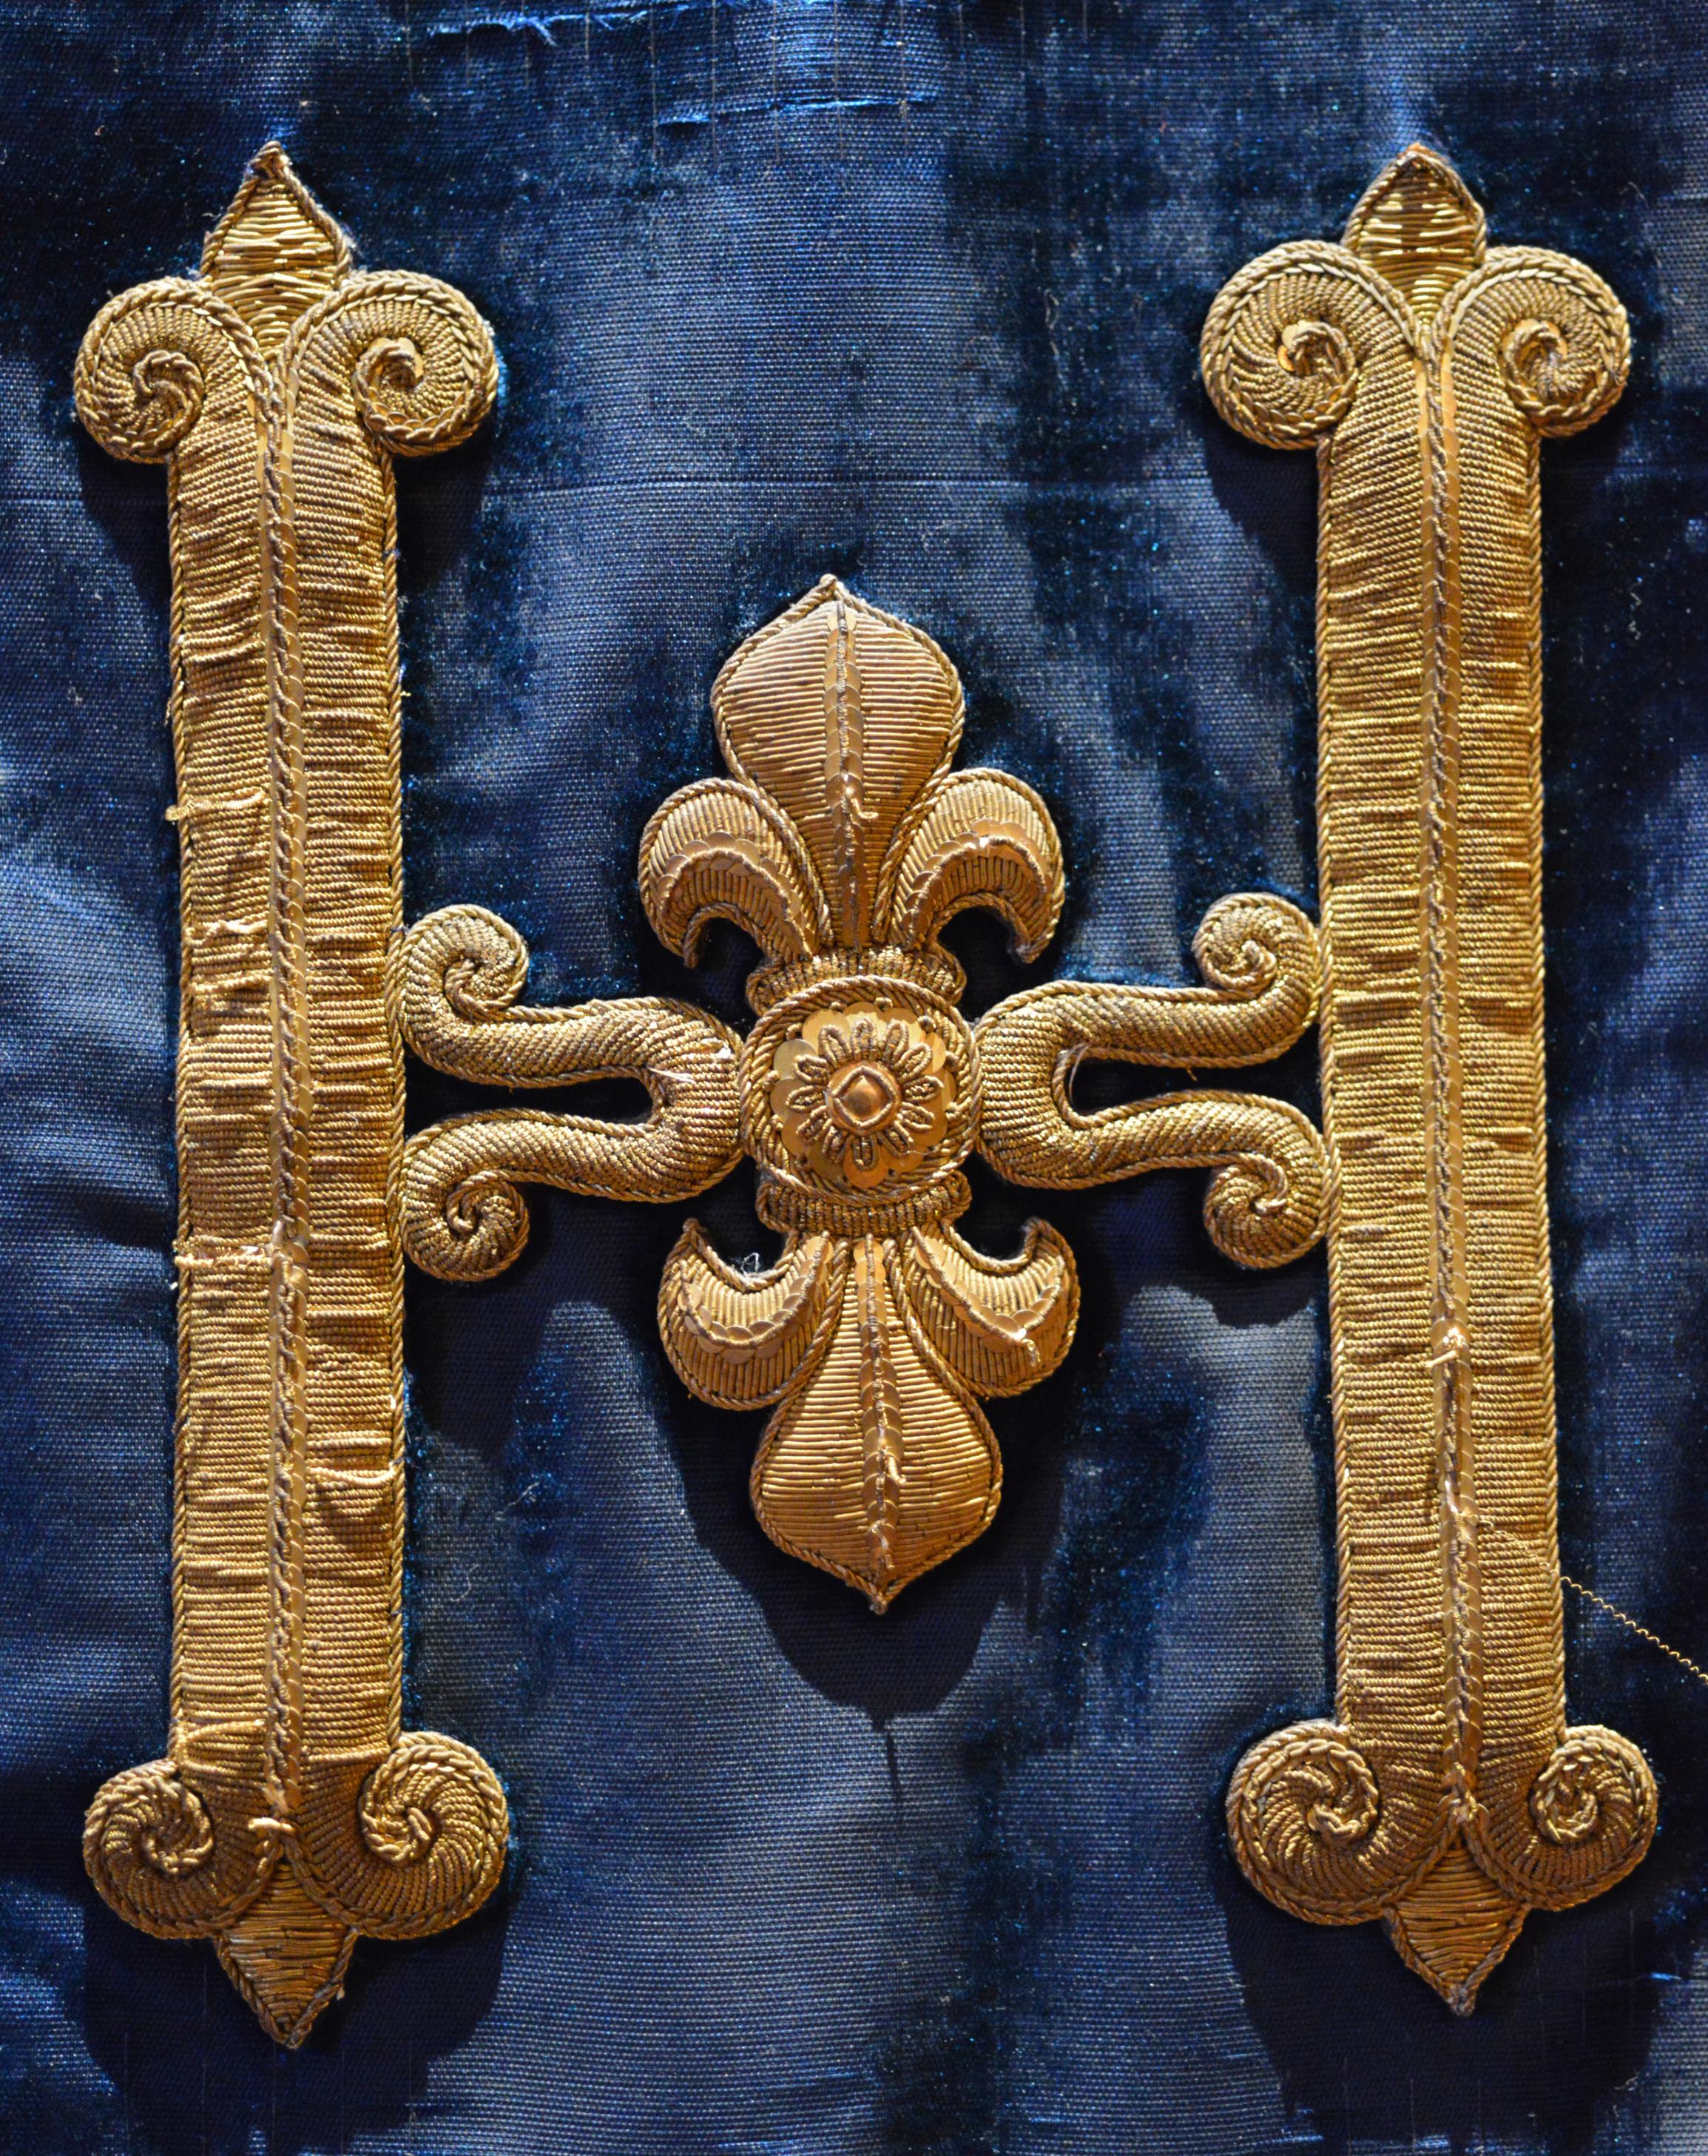 Détail du décor du berceau-carapace du roi Henri IV - H brodé